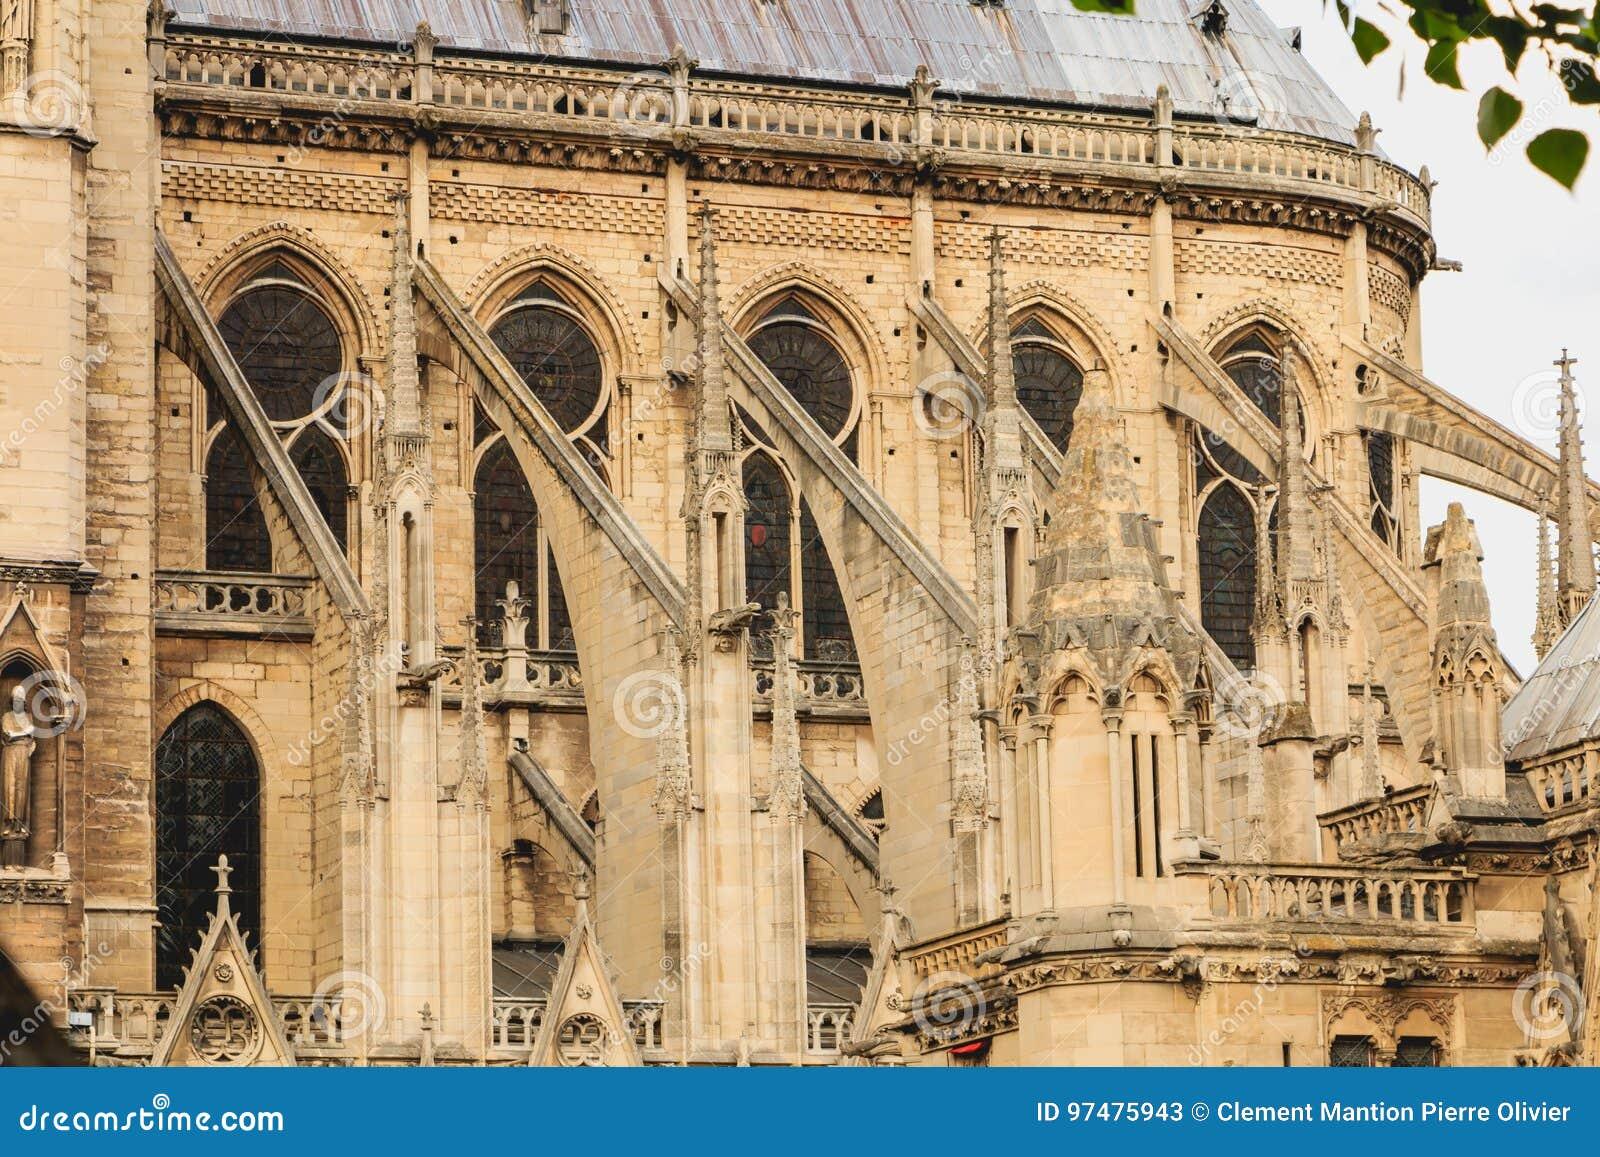 Dettaglio dell architettura della cattedrale di Notre-Dame